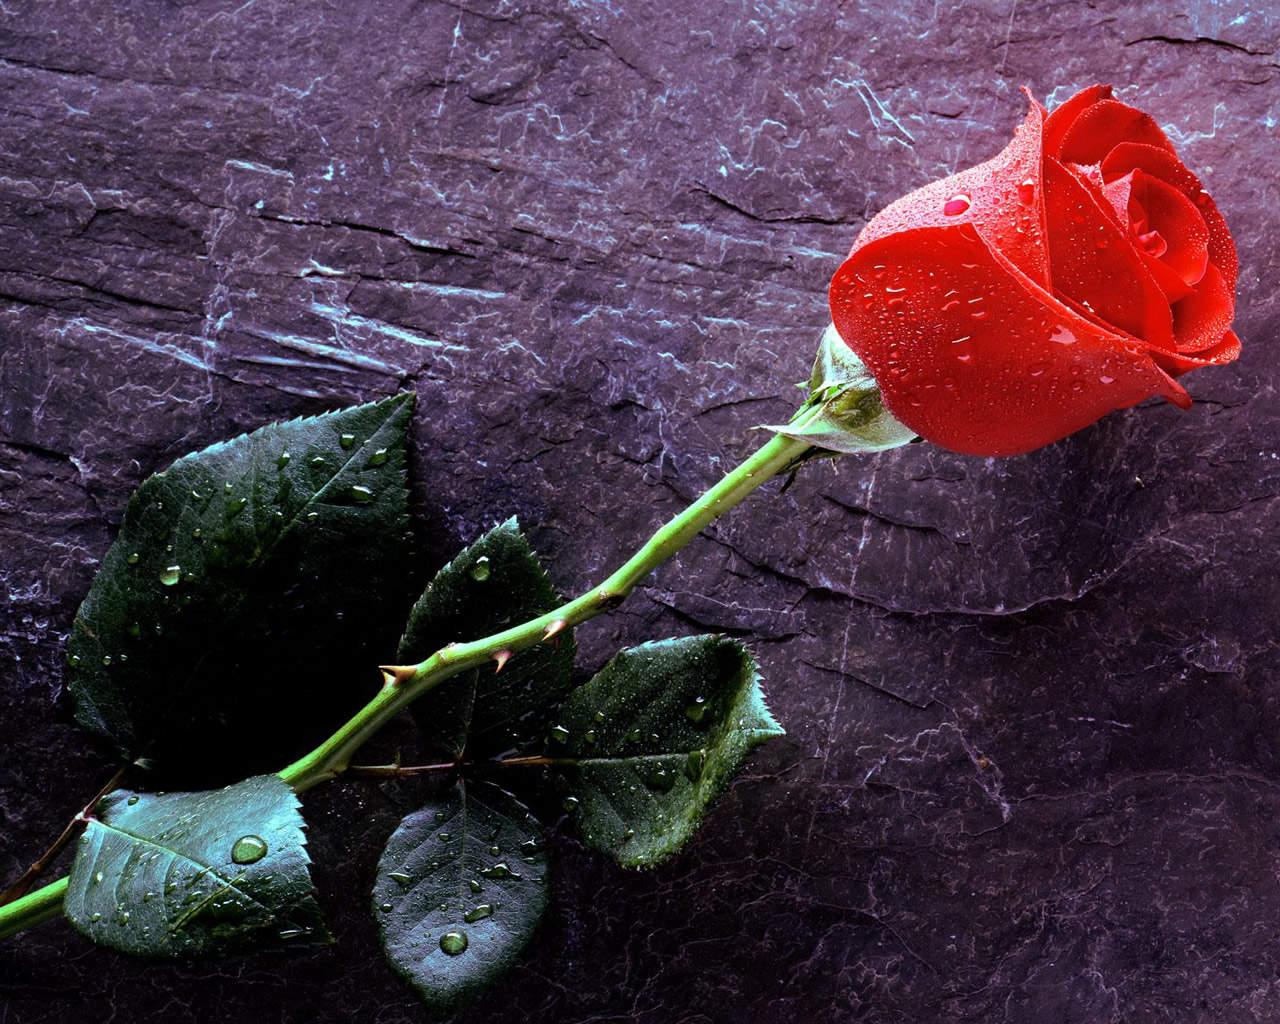 http://3.bp.blogspot.com/-_GoPRKDH-Y8/T1Q67P4YQoI/AAAAAAAAATw/r6g49EvPVeY/s1600/Rose%2BFlower%2BWallpaper.jpg